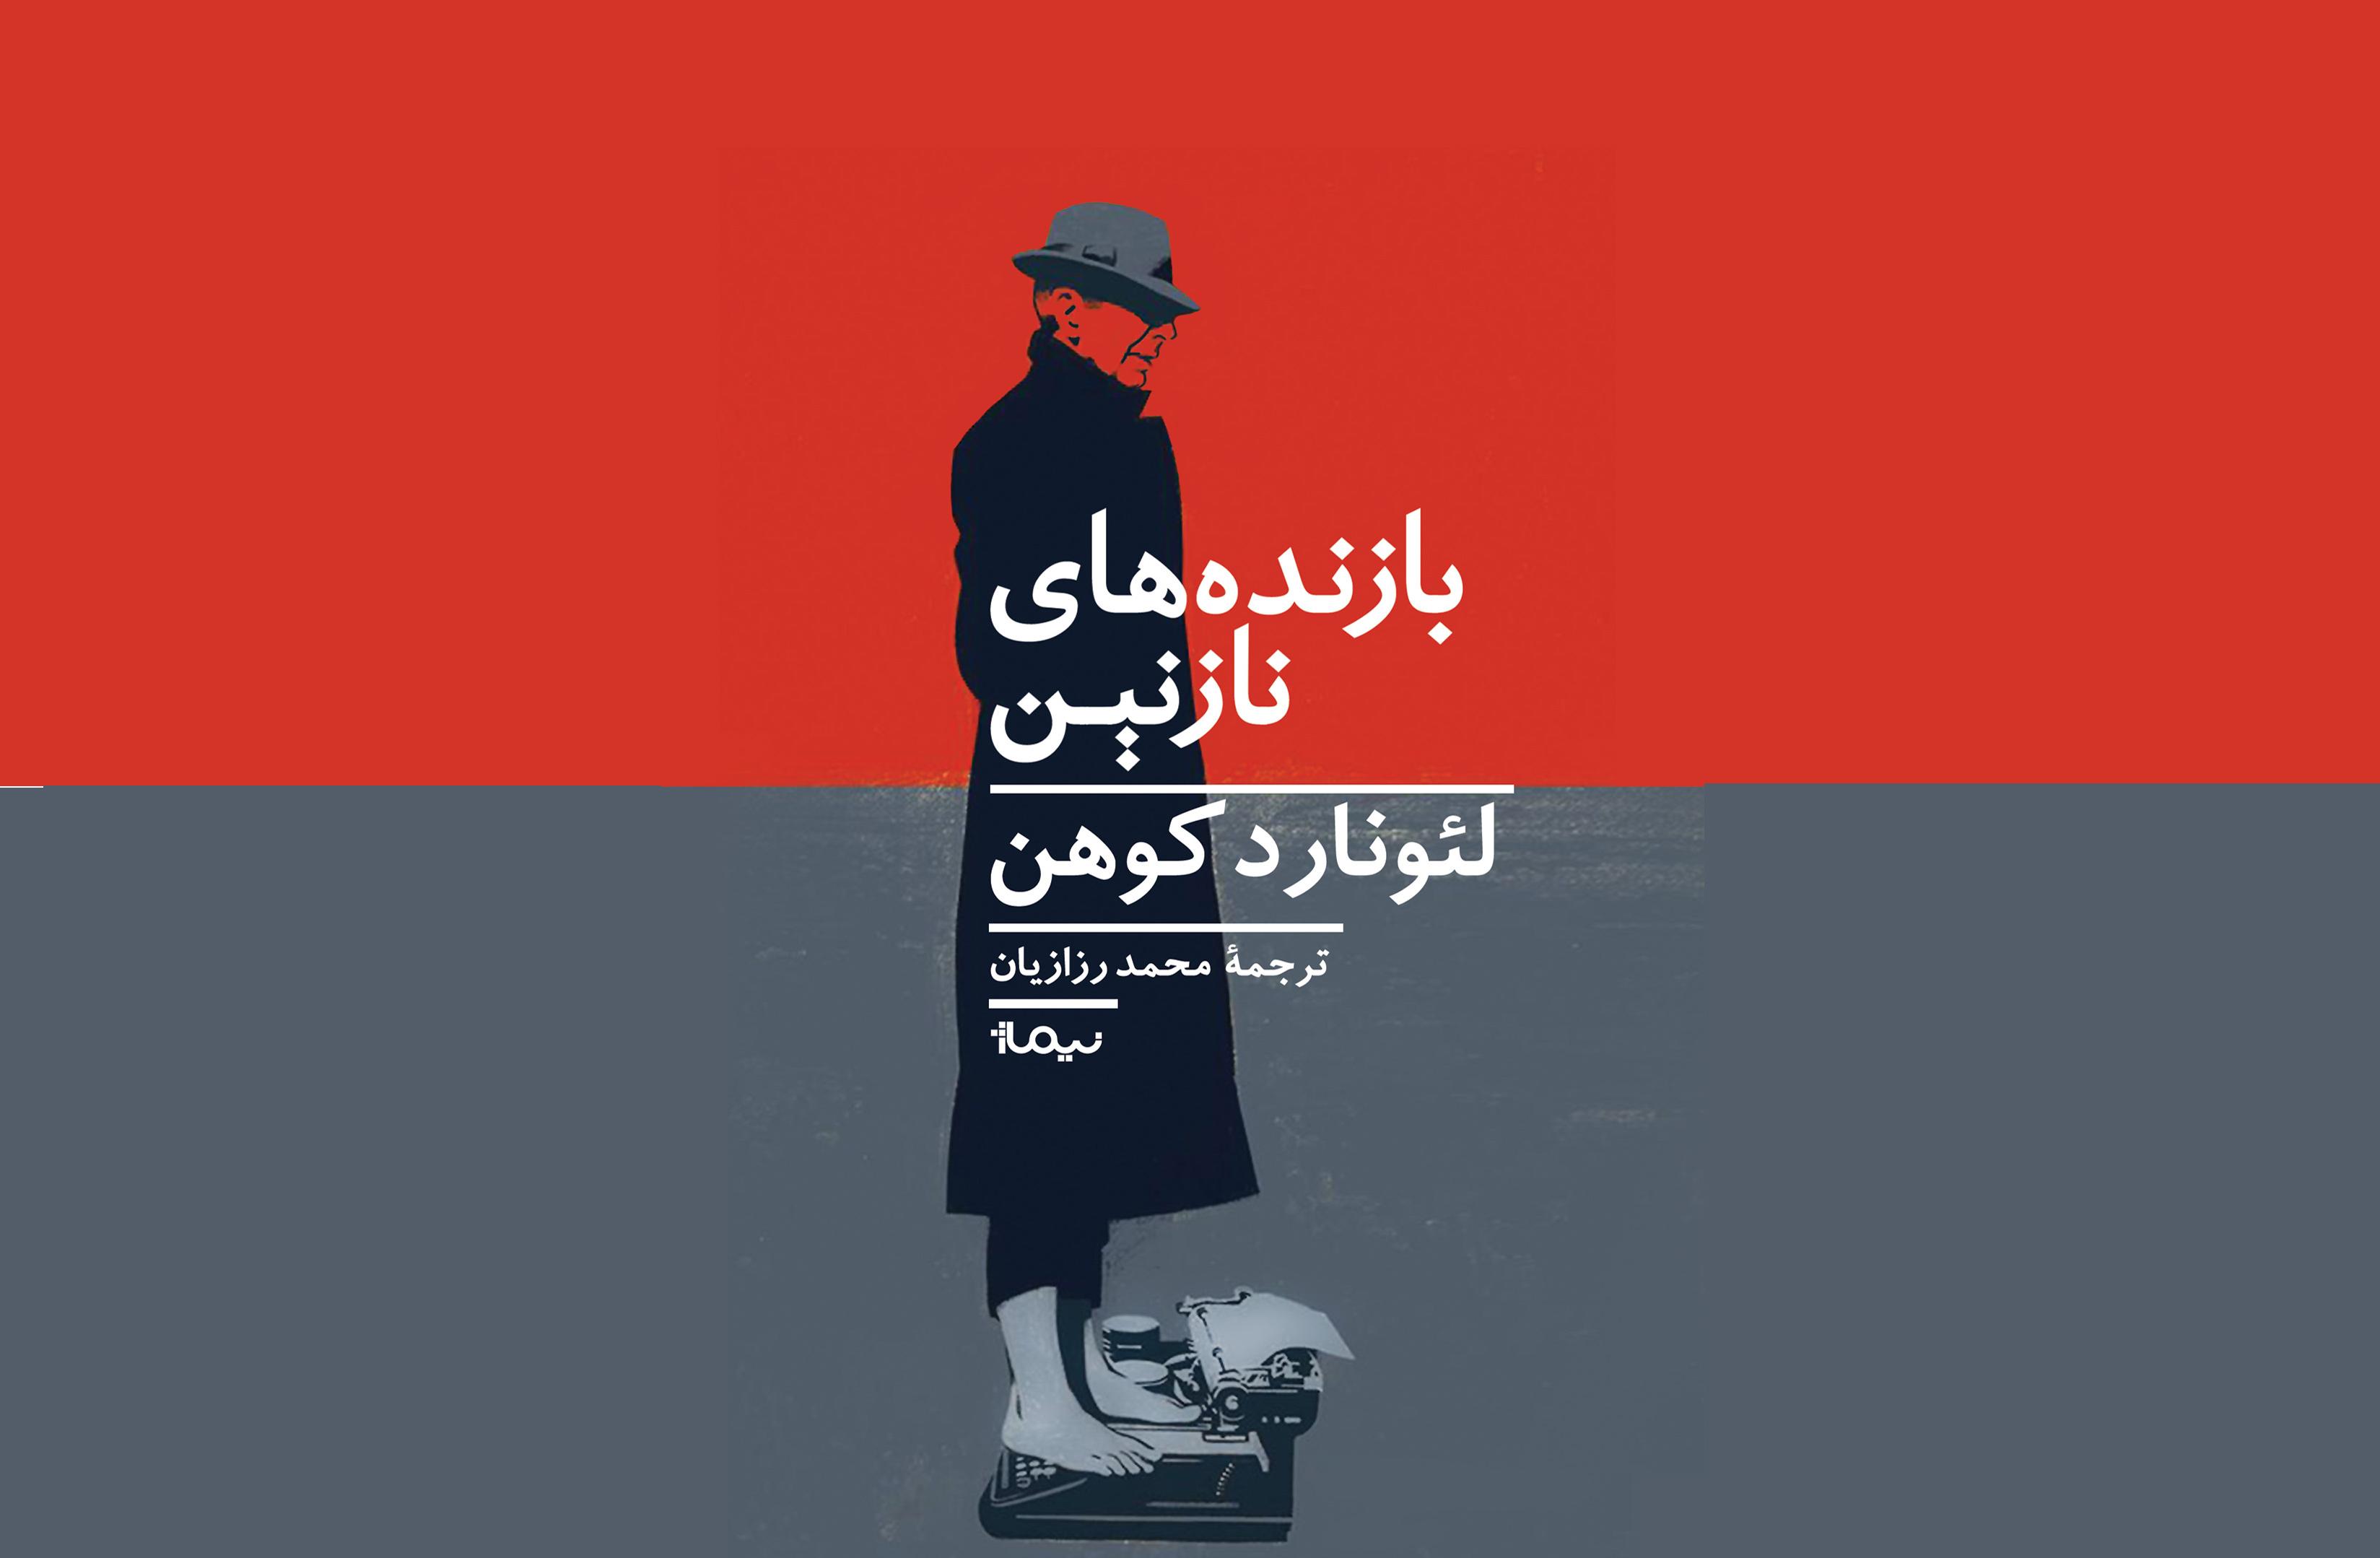 رمان «بازندههای نازنین» اثر لئونارد کوهن